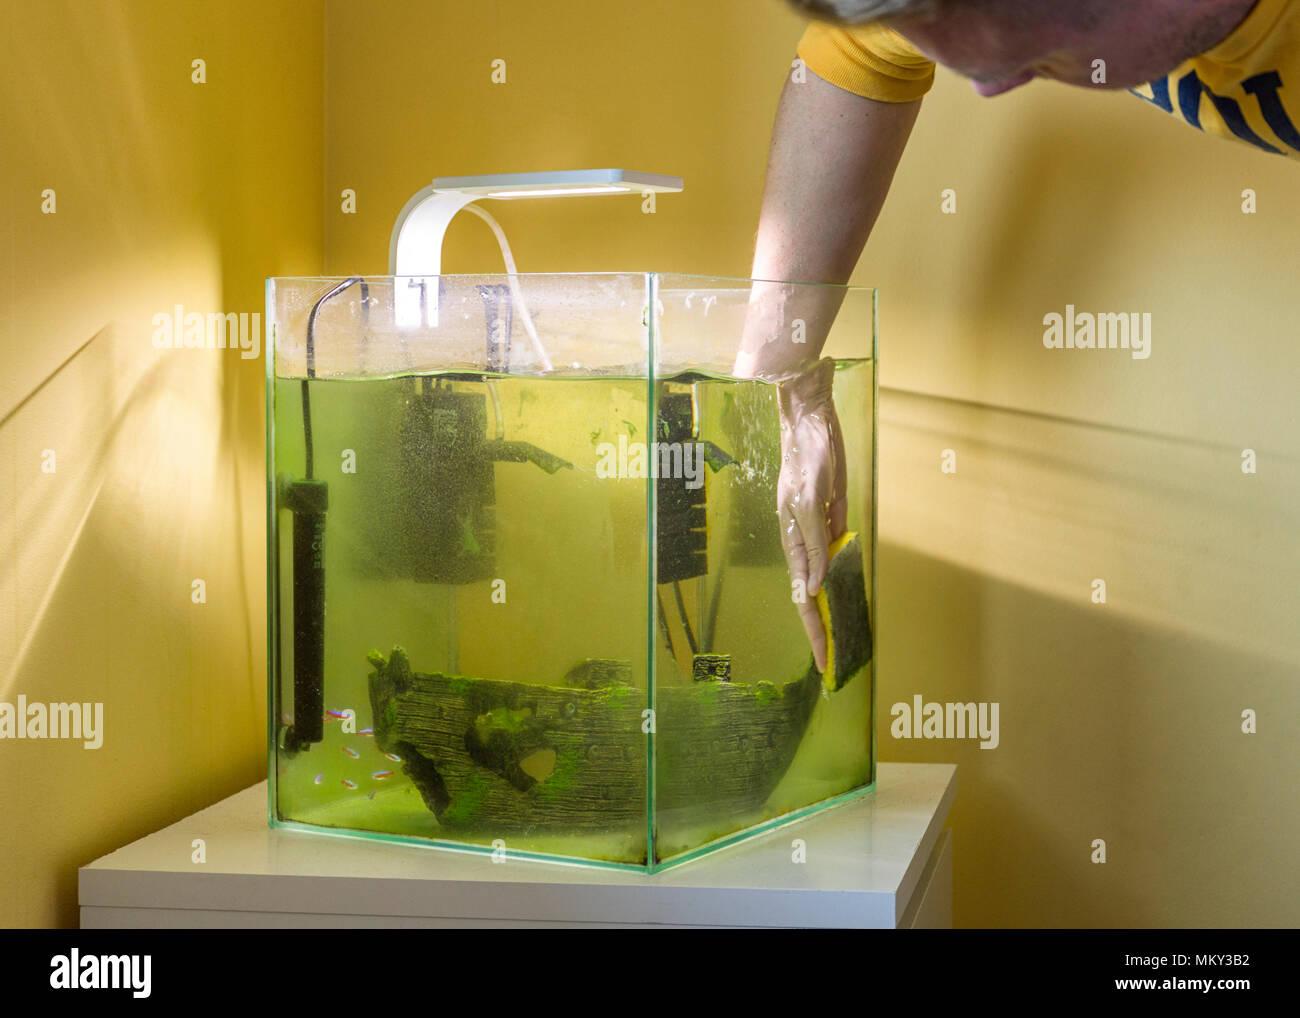 Fußboden Günstig Tanken ~ Fußboden günstig tank nach kaukasisch männlich mann reinigung